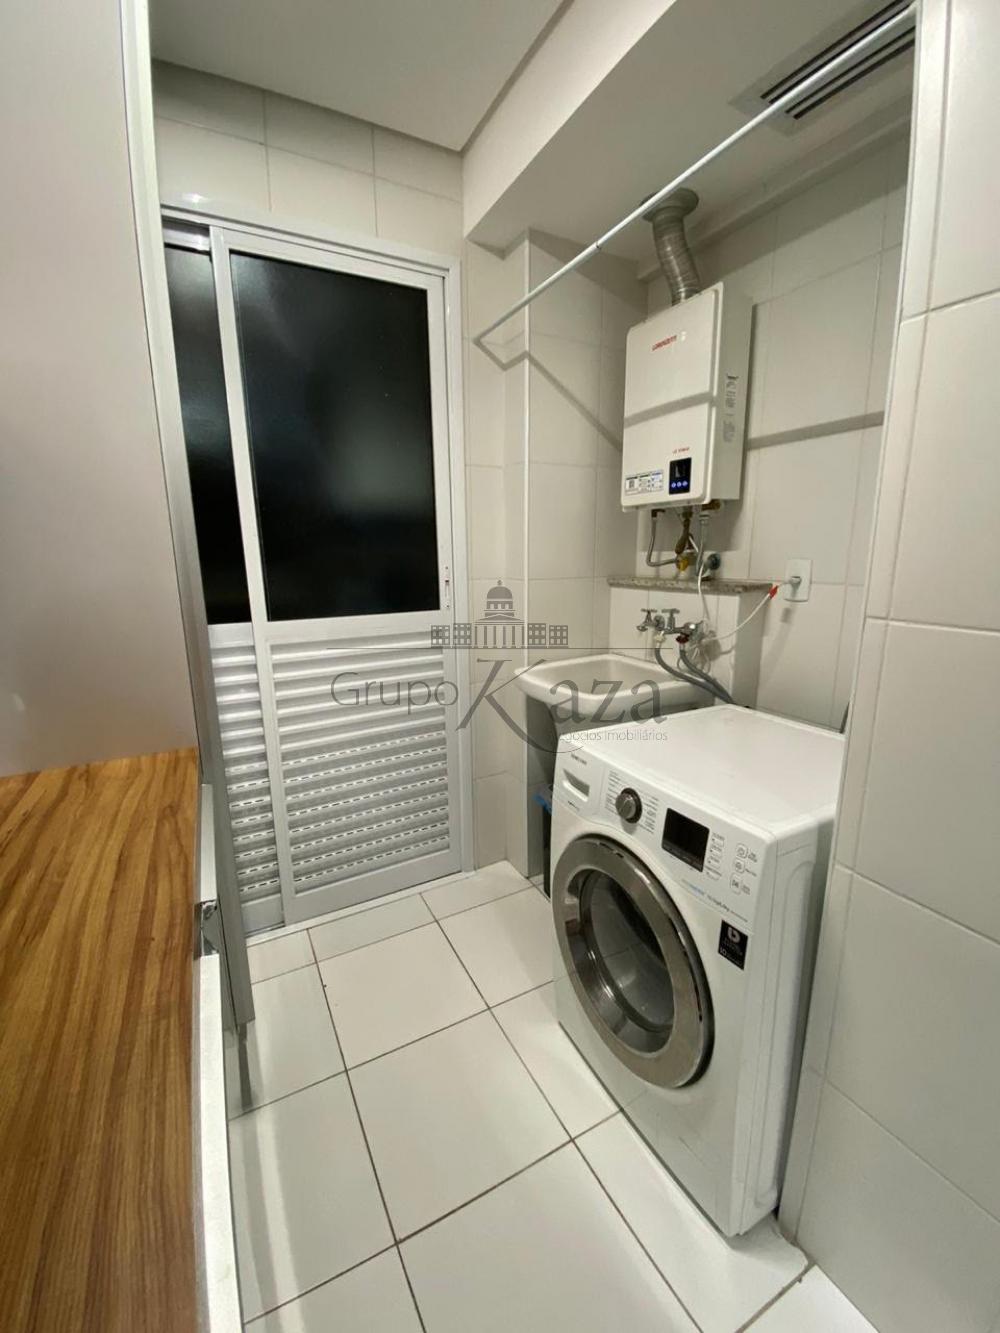 Comprar Apartamento / Padrão em São José dos Campos apenas R$ 690.000,00 - Foto 19